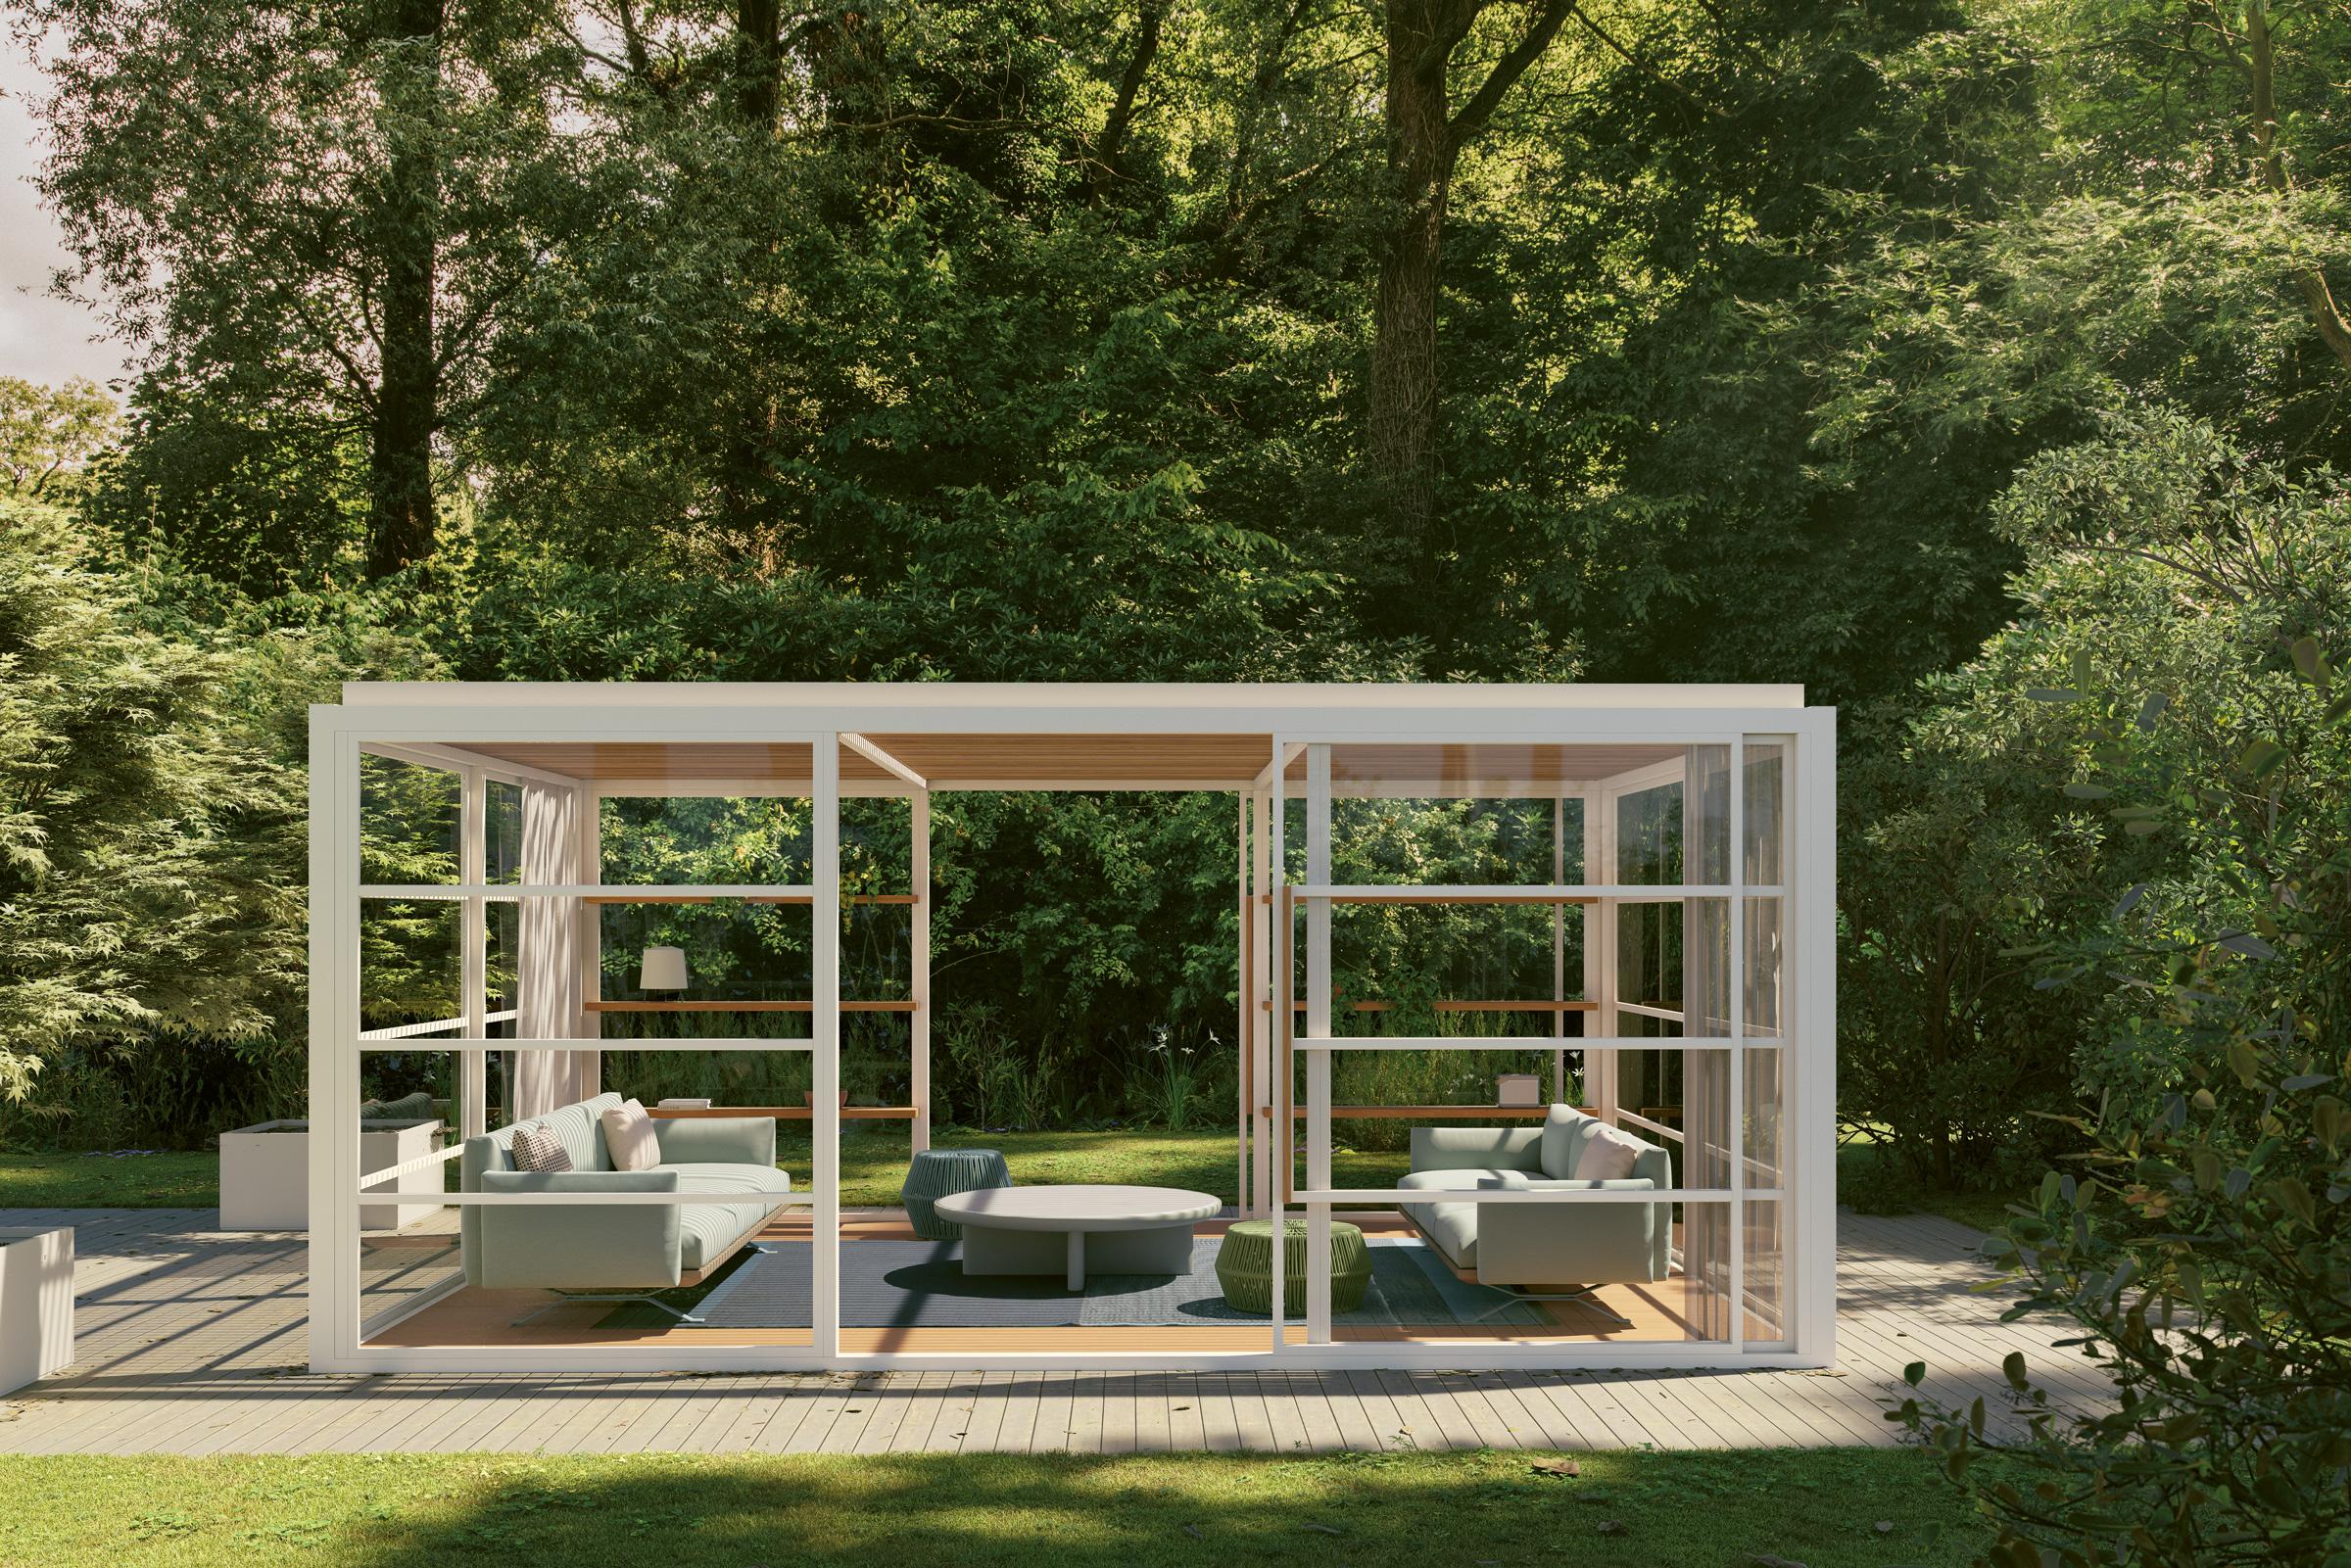 hauser-design-kettal-h-pavillon-mit-lounge-boma